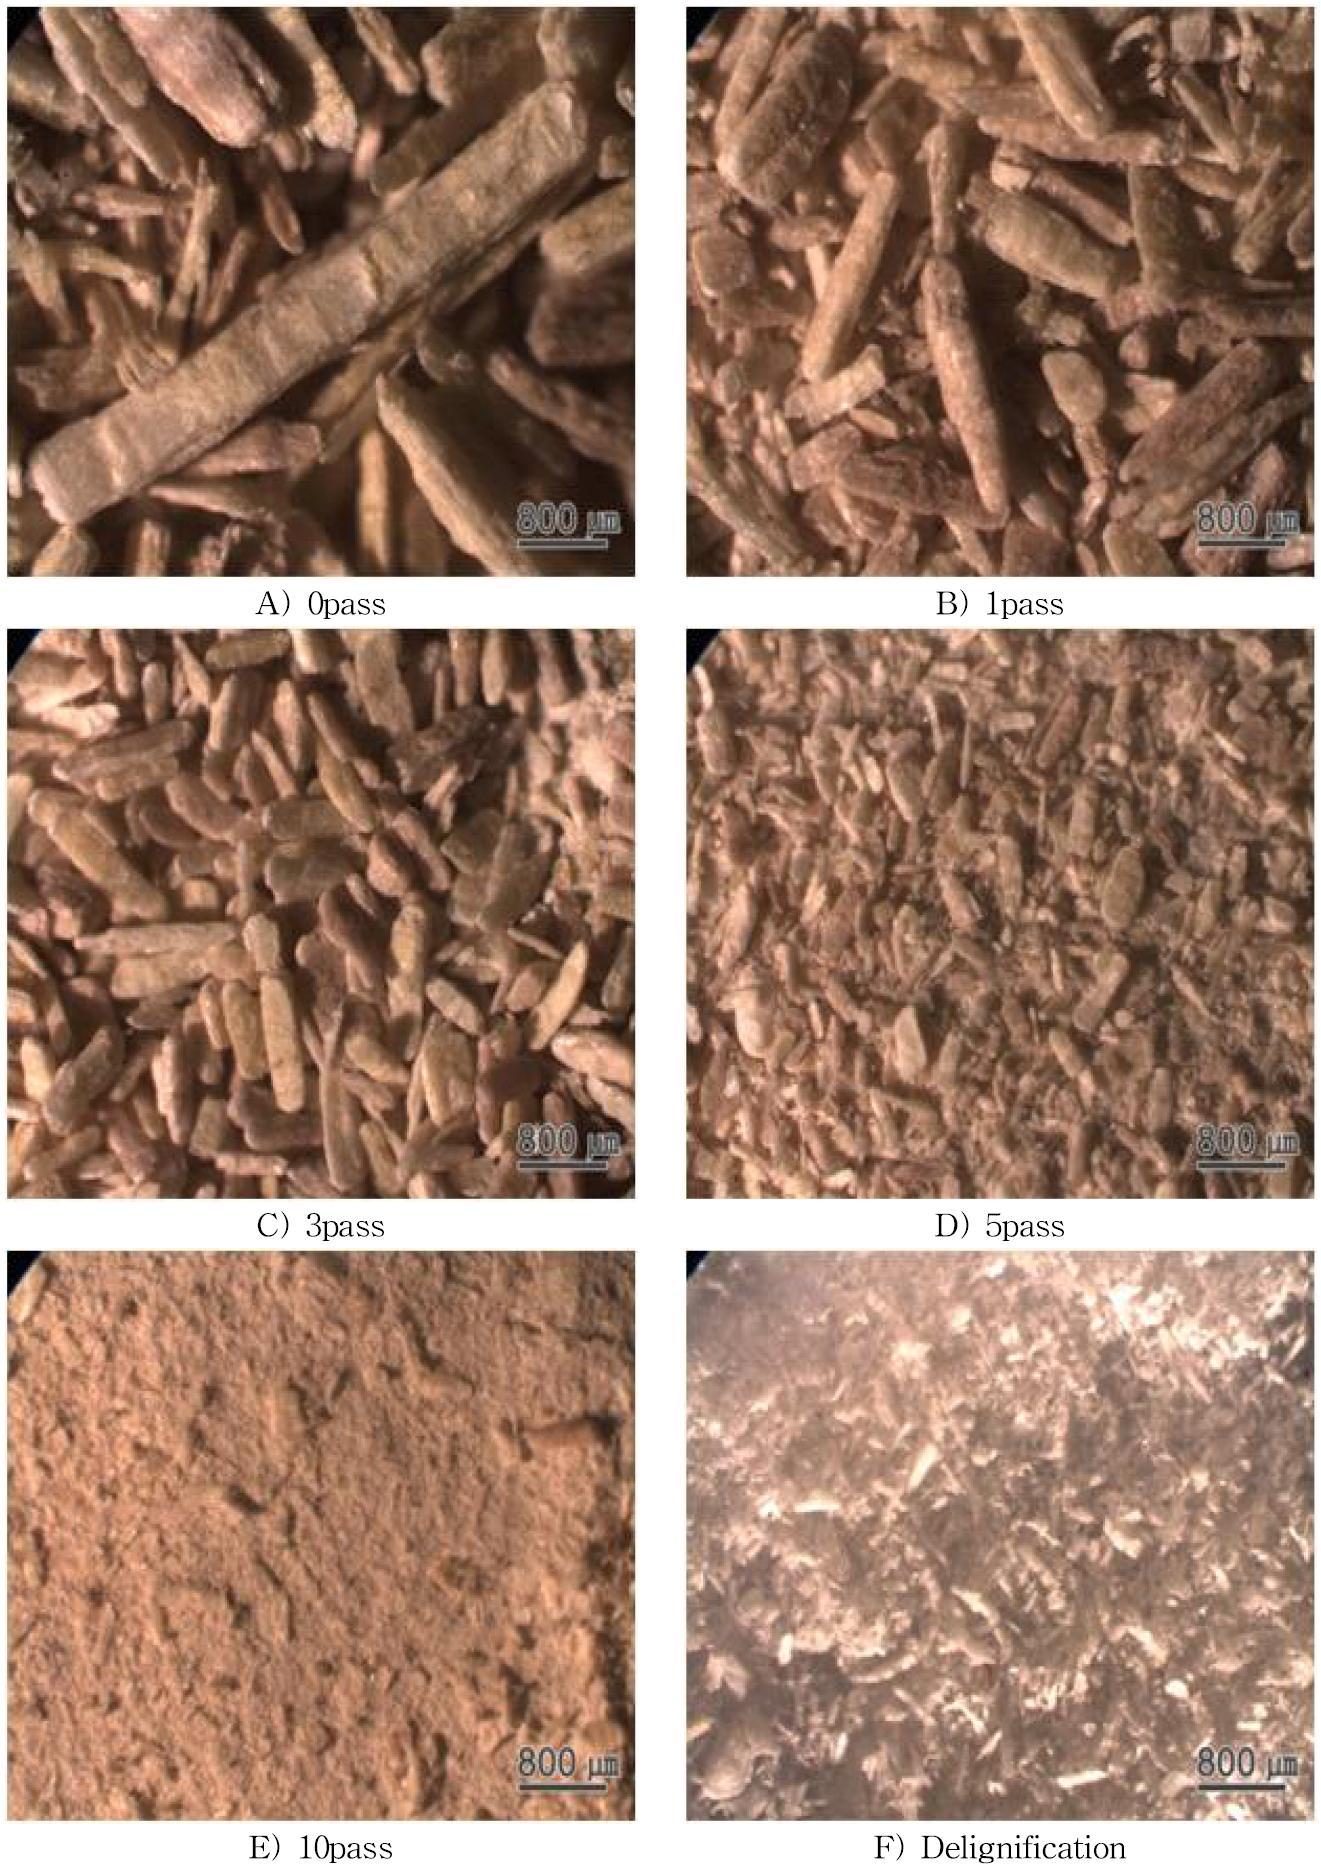 Gmelina 조분쇄 시료의 실체현미경 사진.